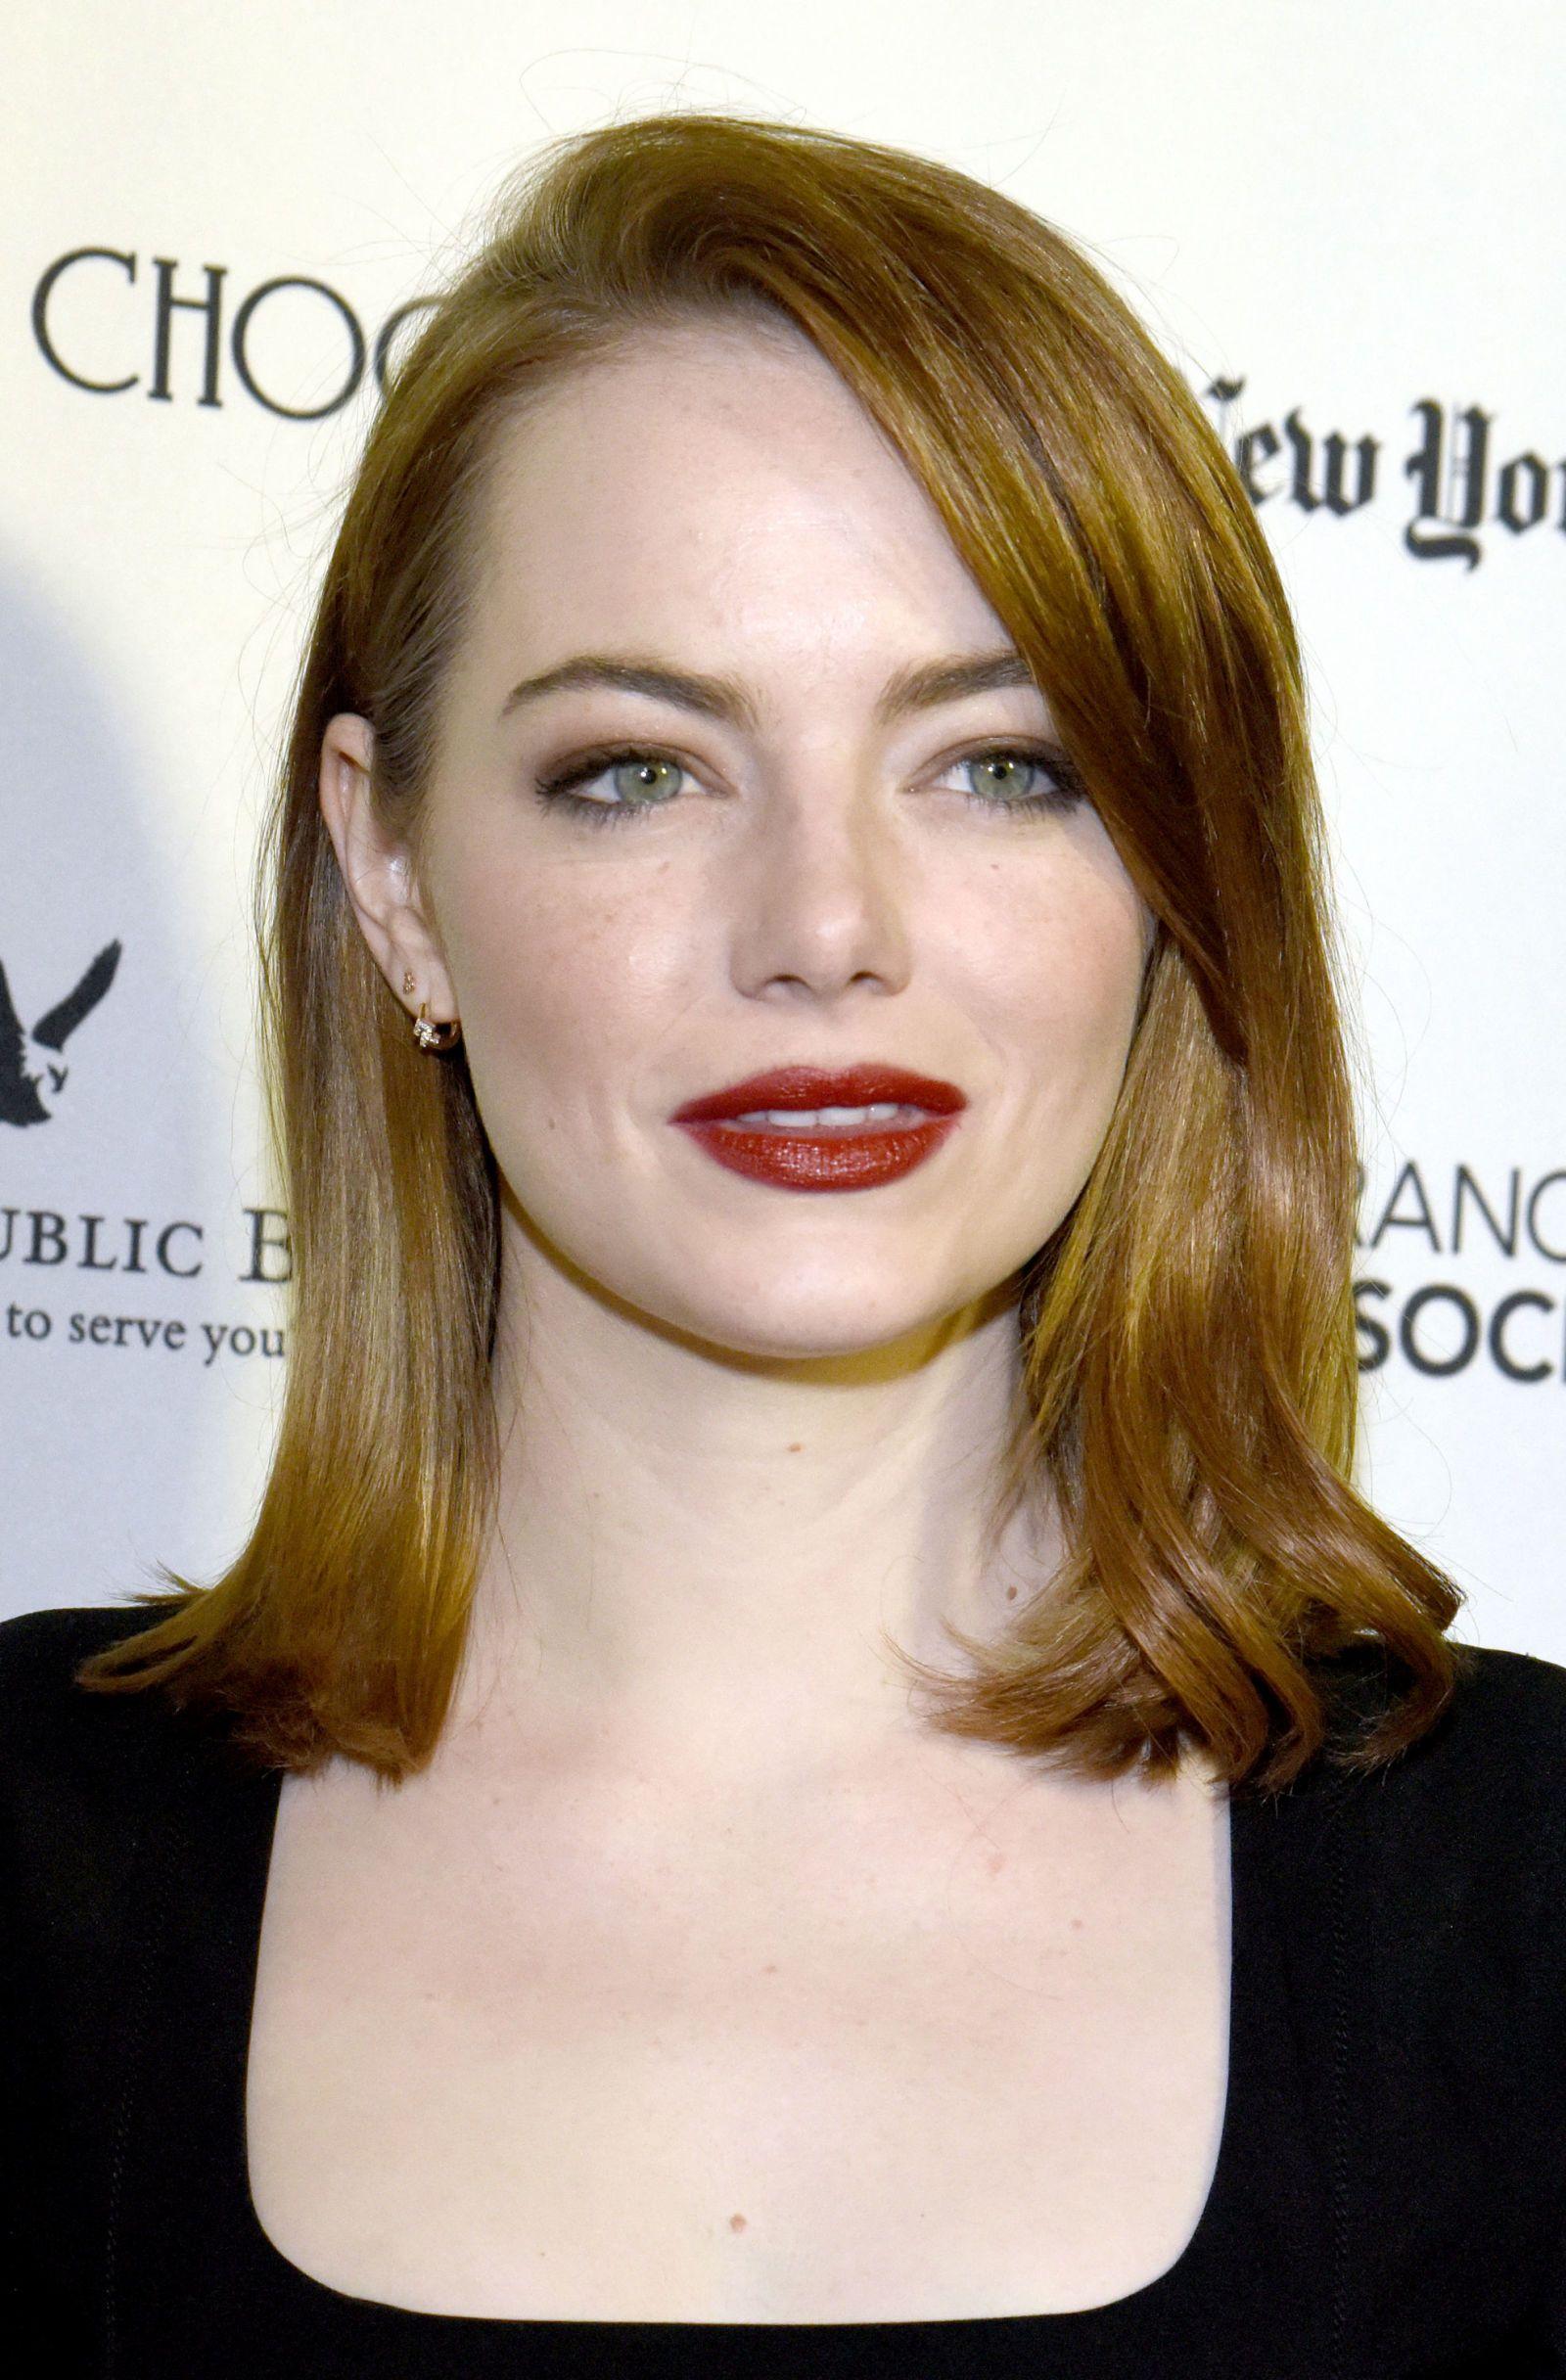 Famoso Emma Stone sfoggia un nuovo colore di capelli: l'oro rosso HQ86